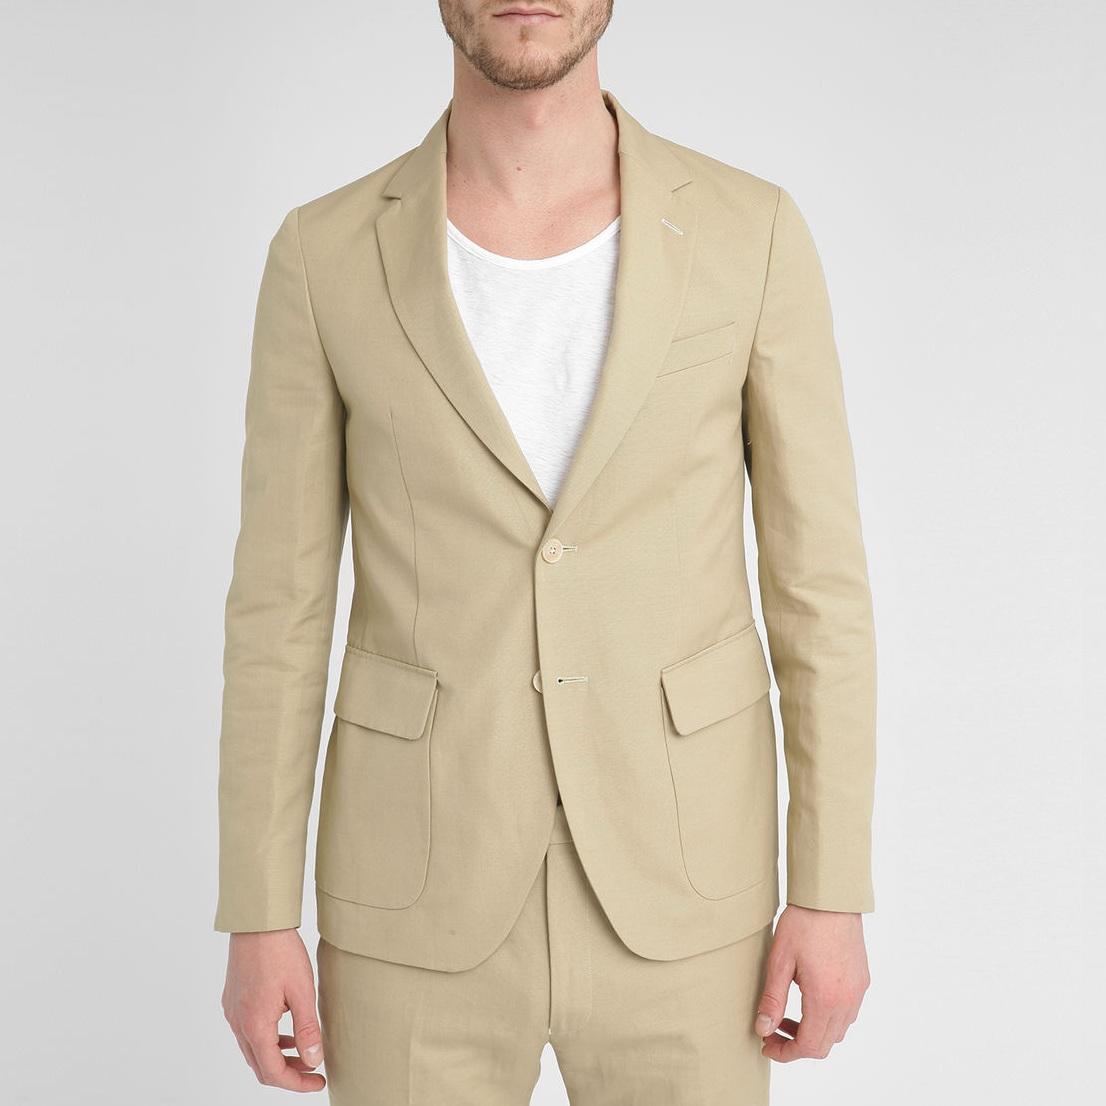 veste coton beige gant rugger homme